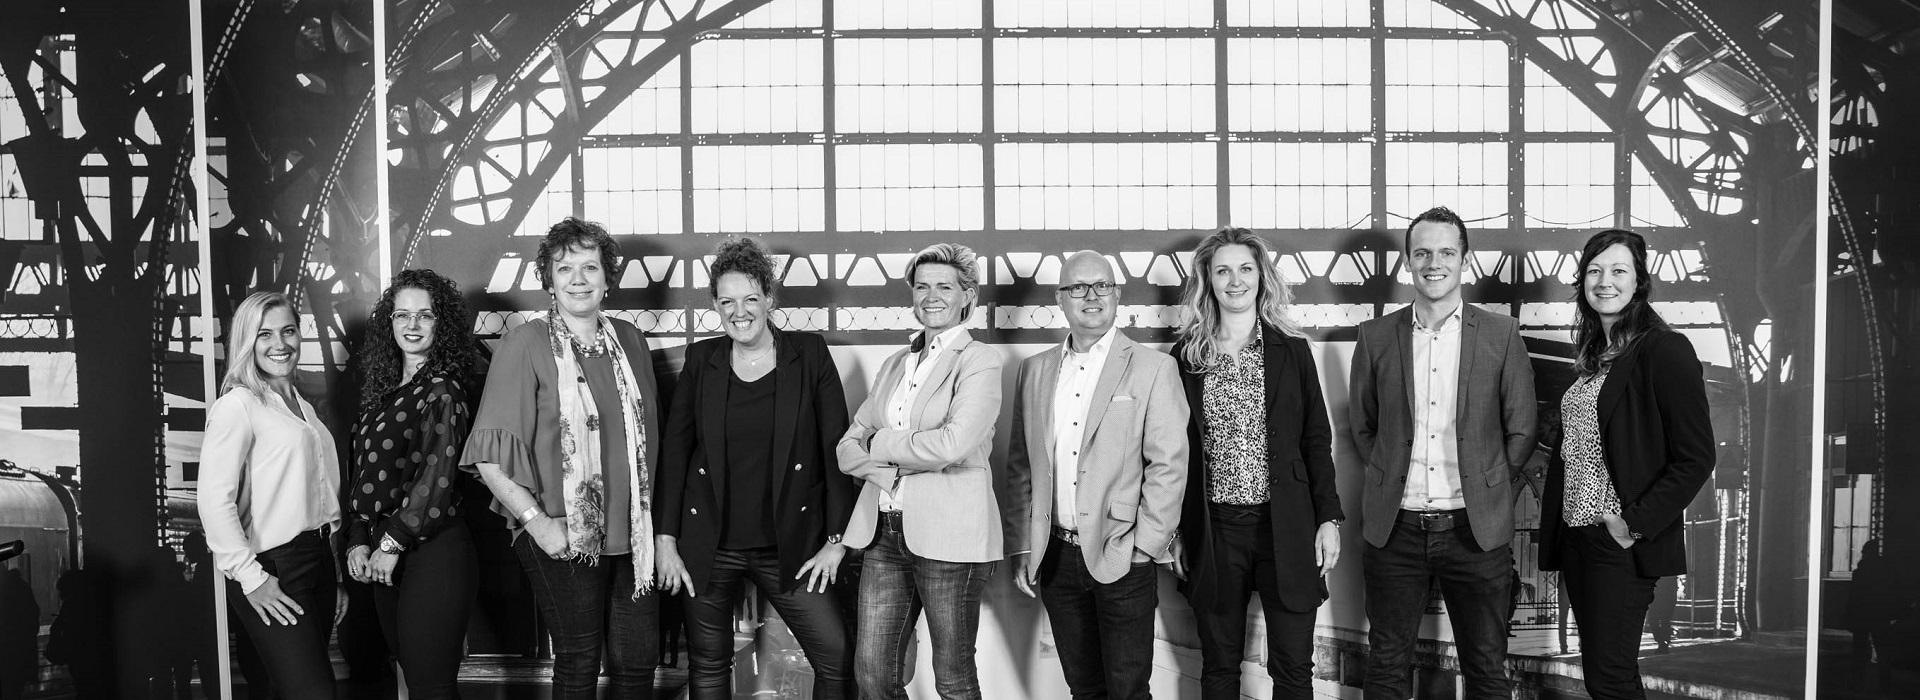 Team Perselectief Apeldoorn